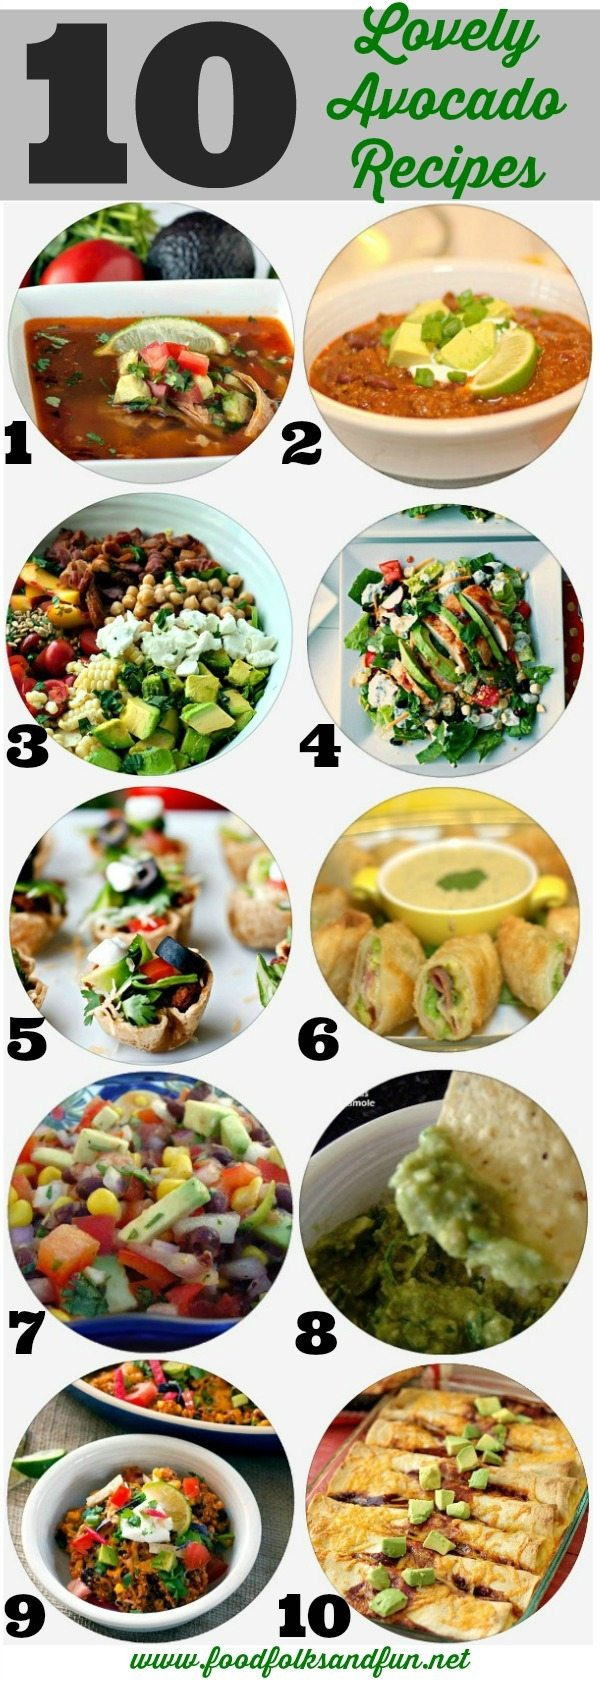 10 Lovely Avocado Recipes